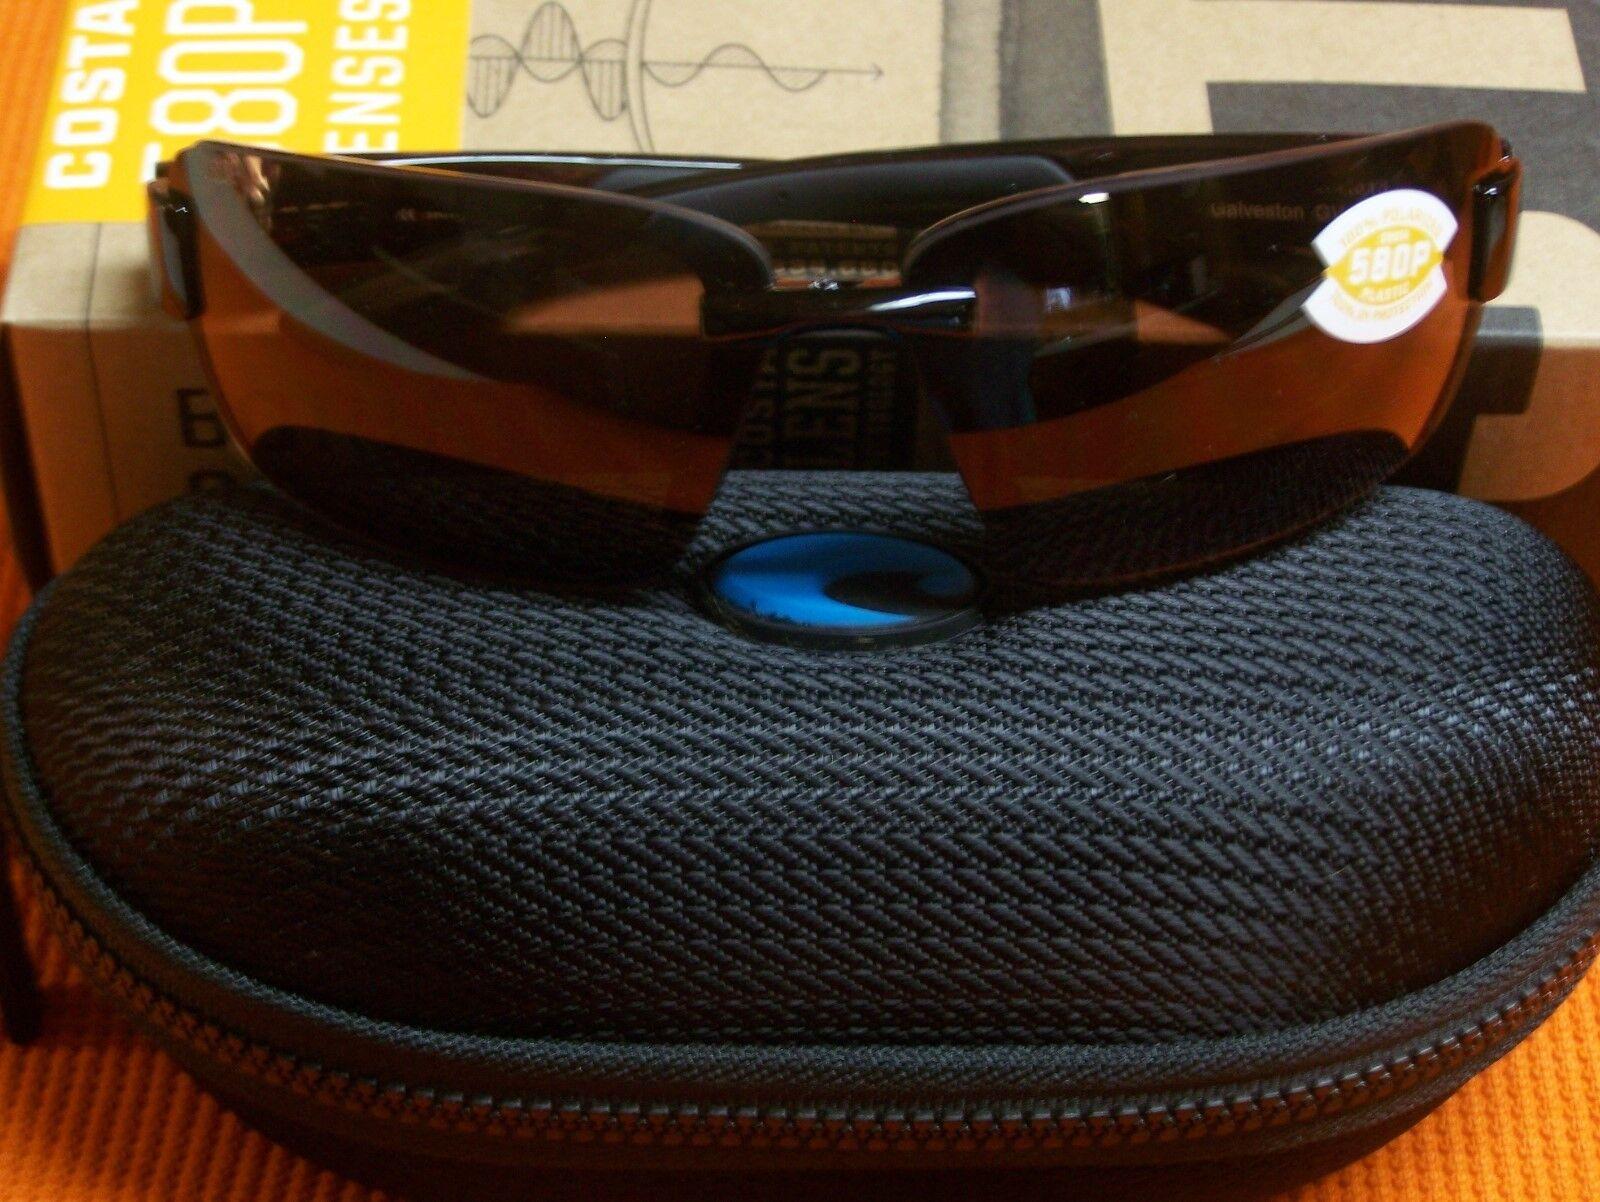 f7e56134cb5 ... UPC 097963485968 product image for Authentic Costa Del Mar Galveston  Tortoise Copper 580p Polarized Sunglasses ...